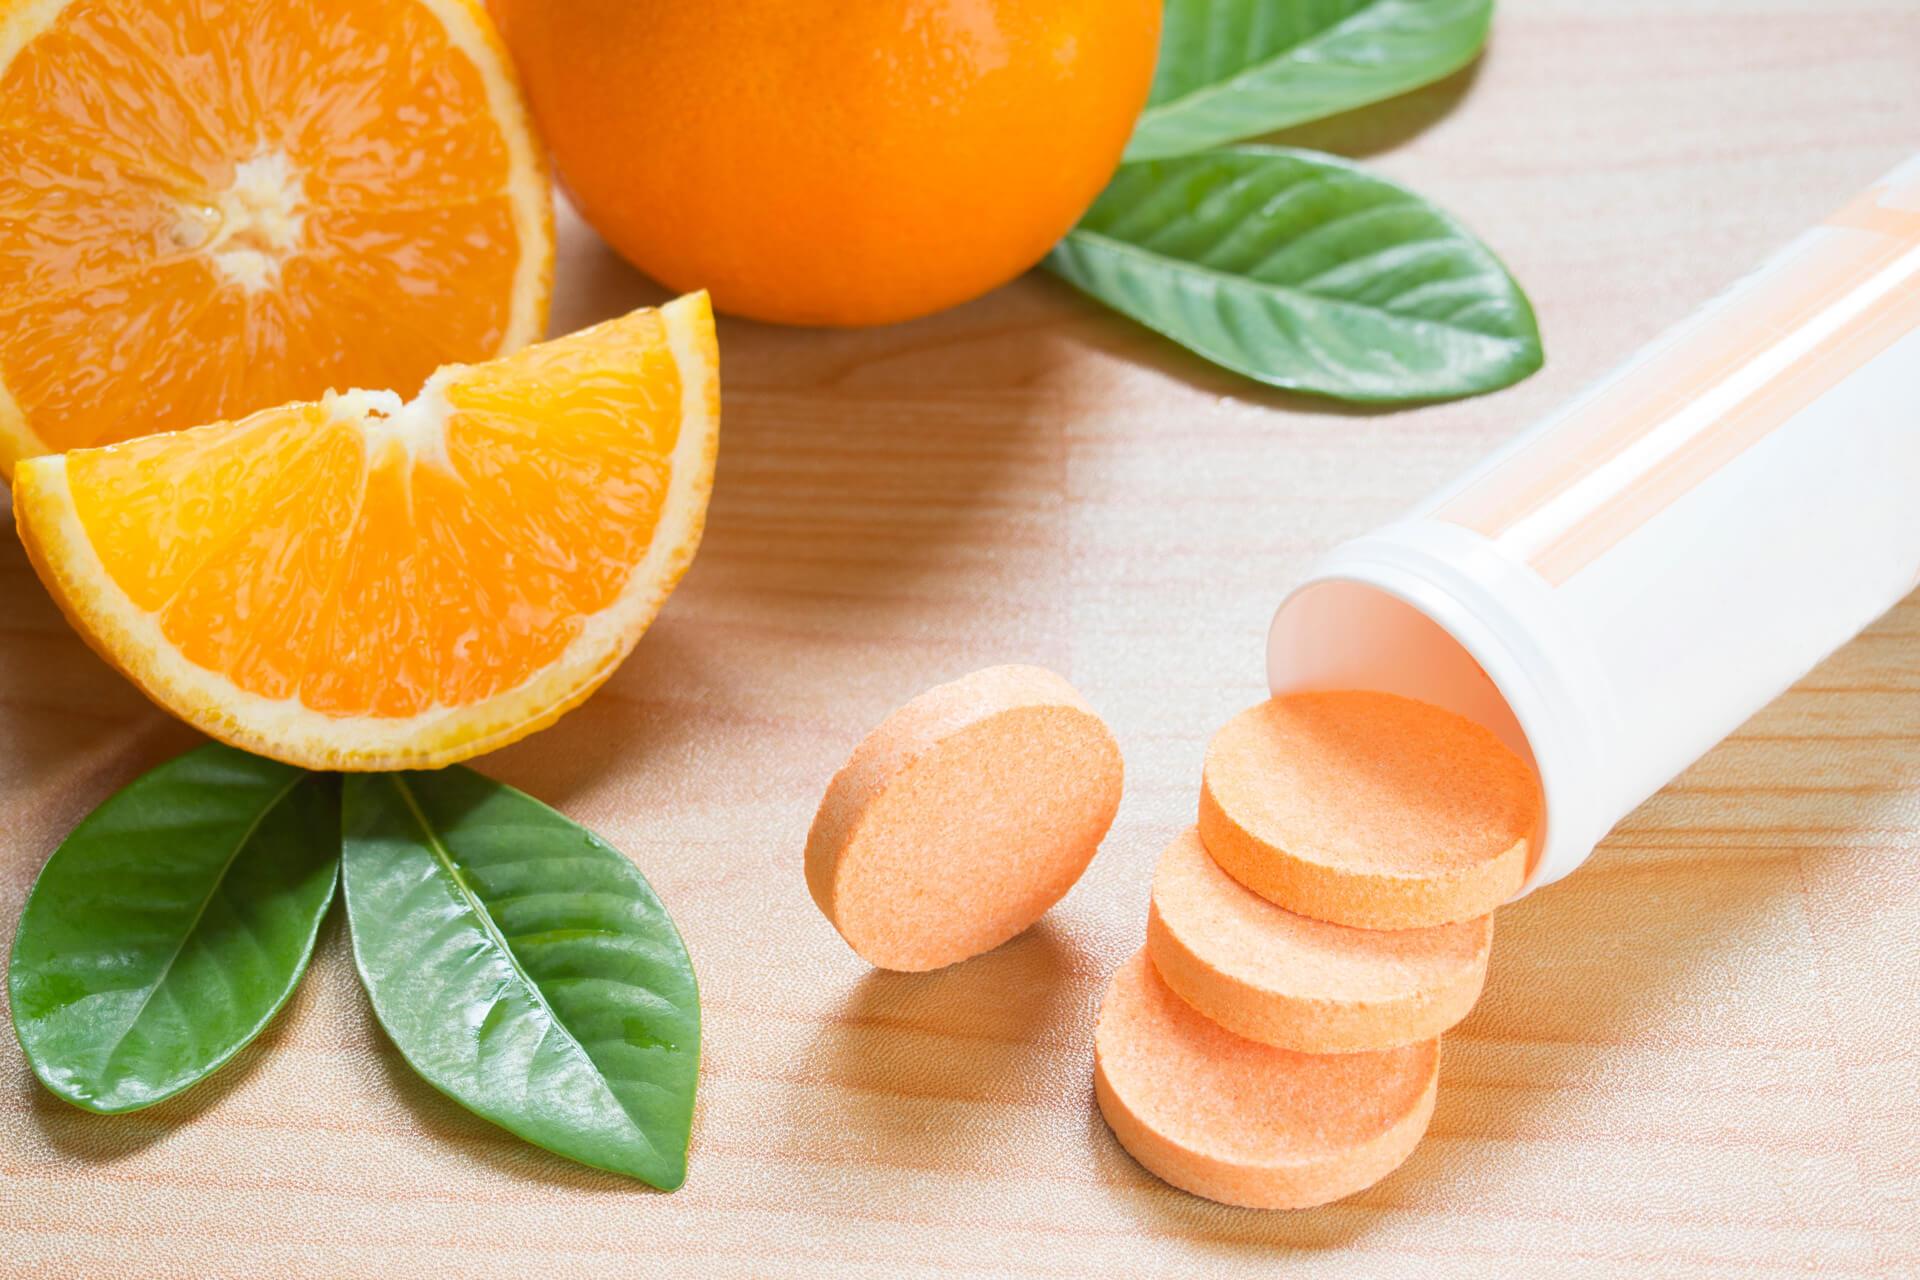 Vitamin C giúp ngăn ngừa cảm lạnh thông thường